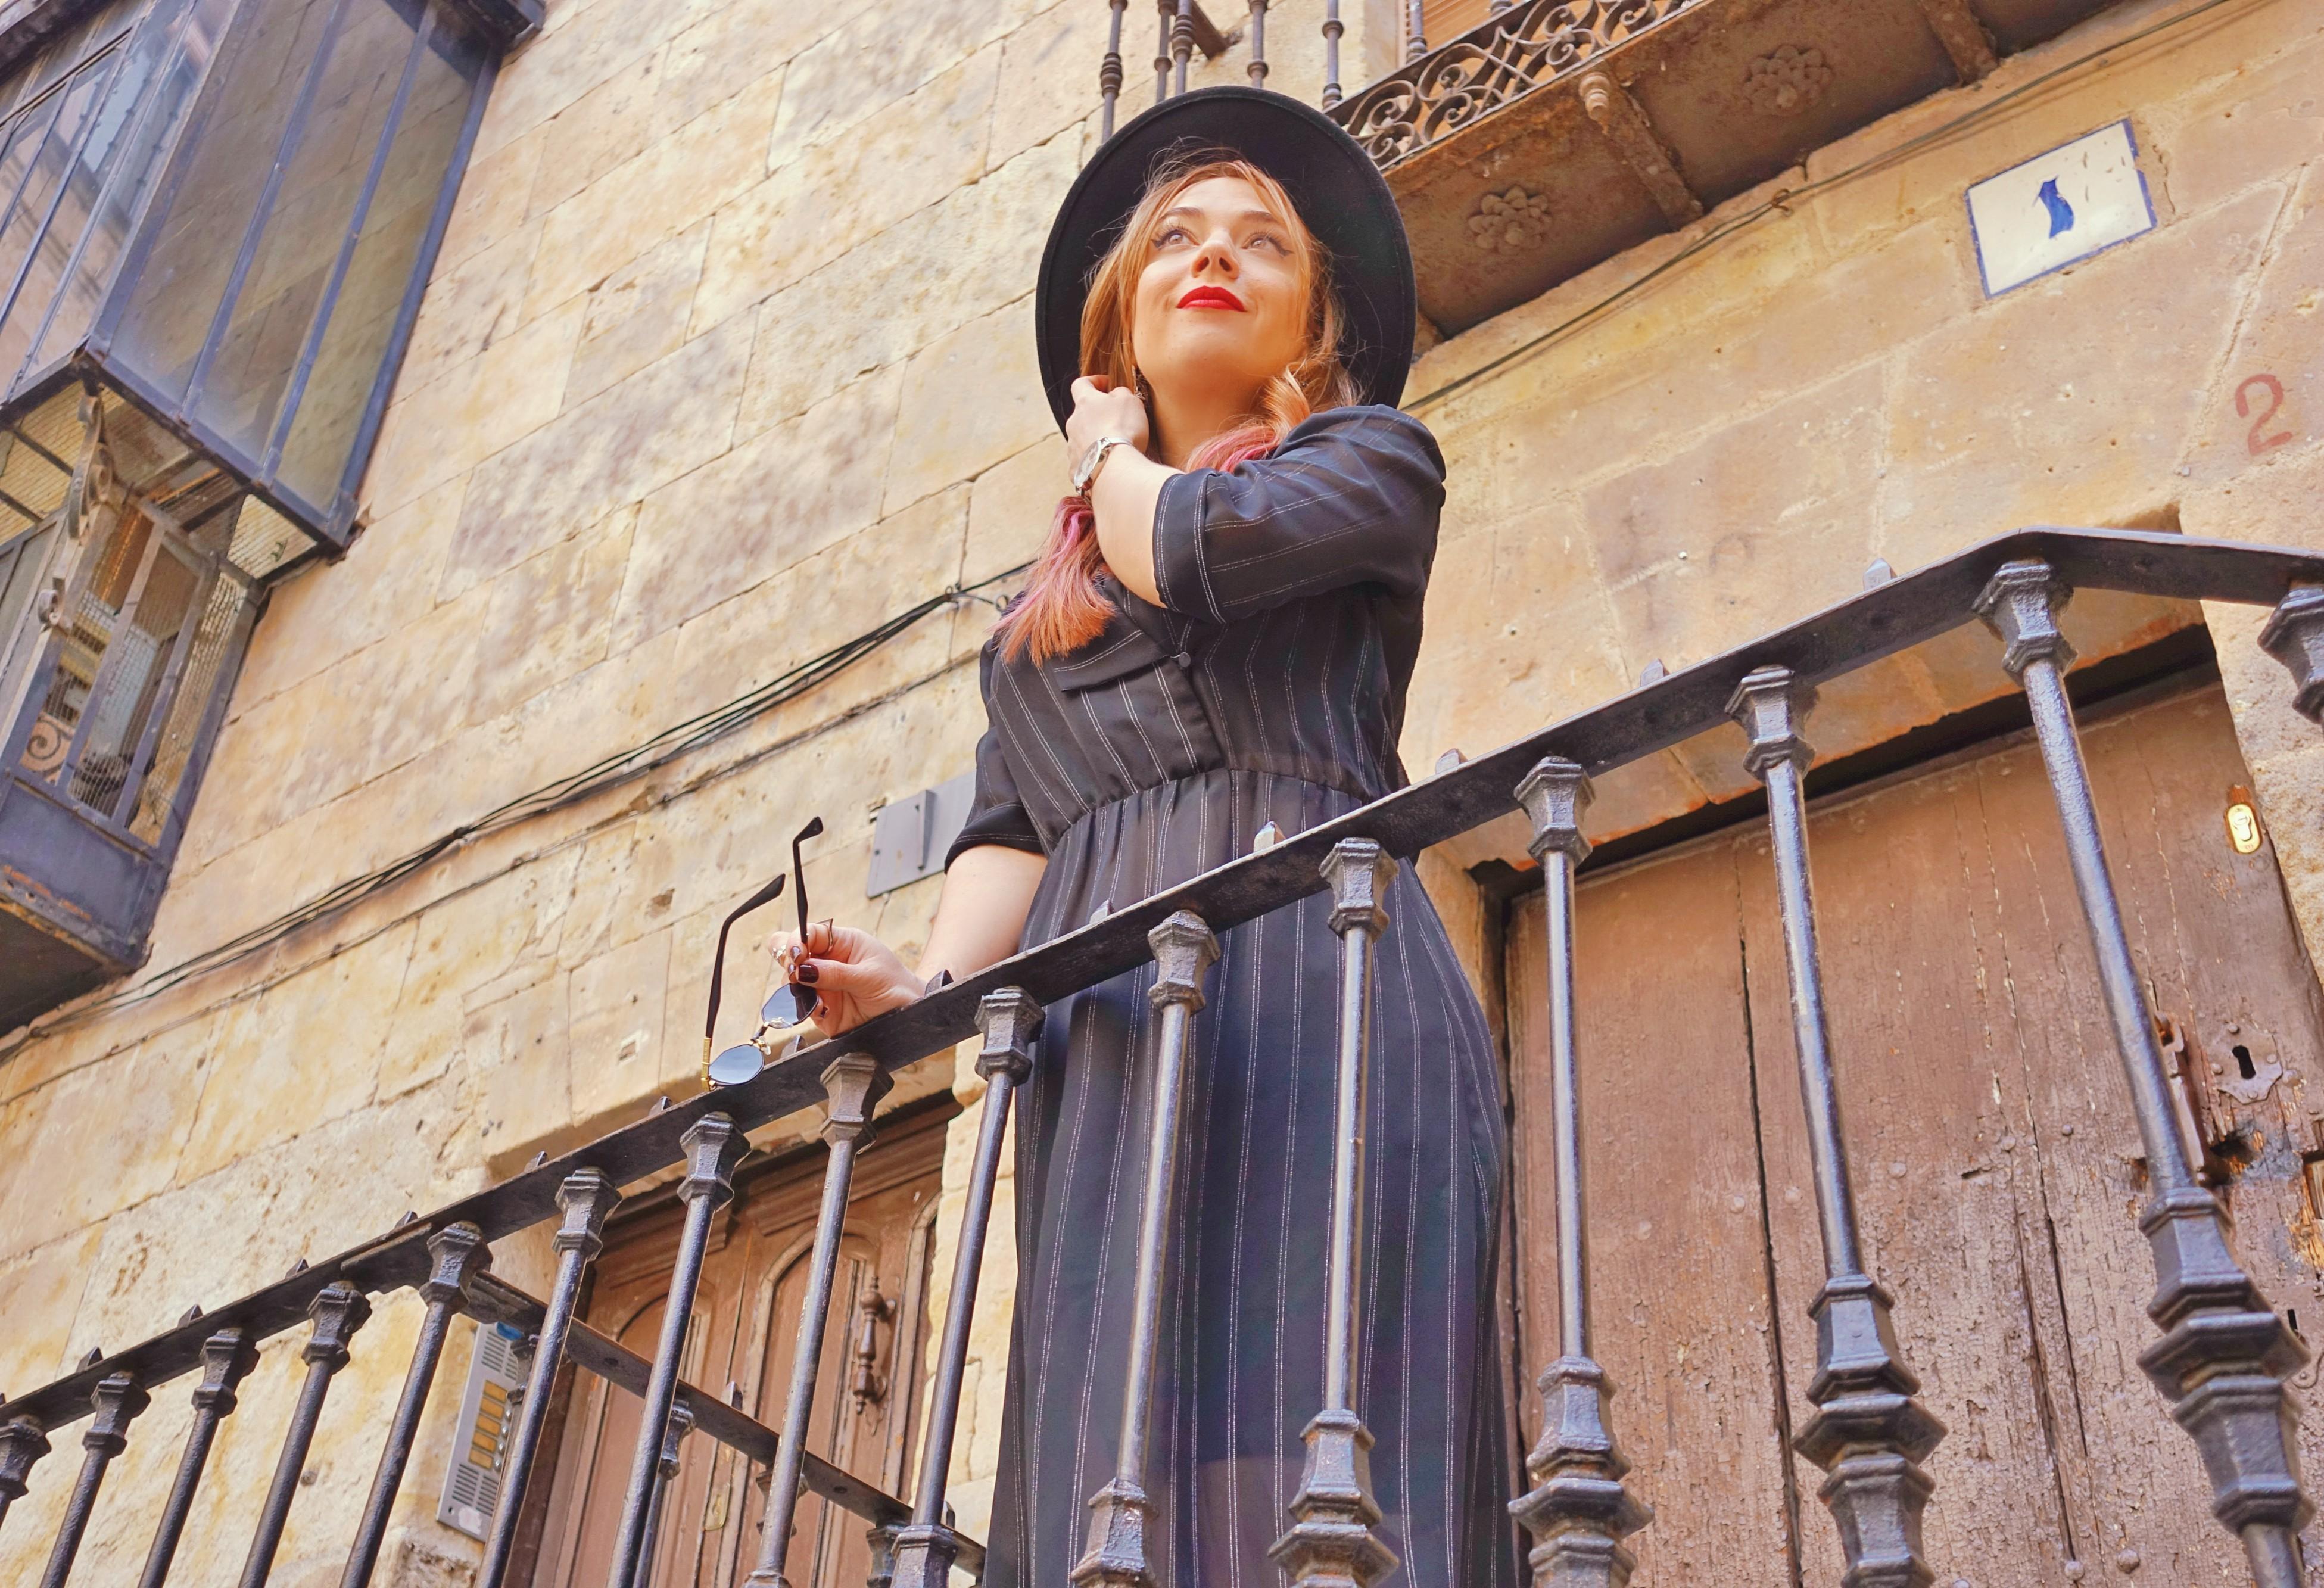 Sombreros-PiensaenChic-blog-de-moda-ChicAdicta-fashionista-influencer-Chic-Adicta-vestidos-vintage-pelo-rosa-Piensa-en-Chic